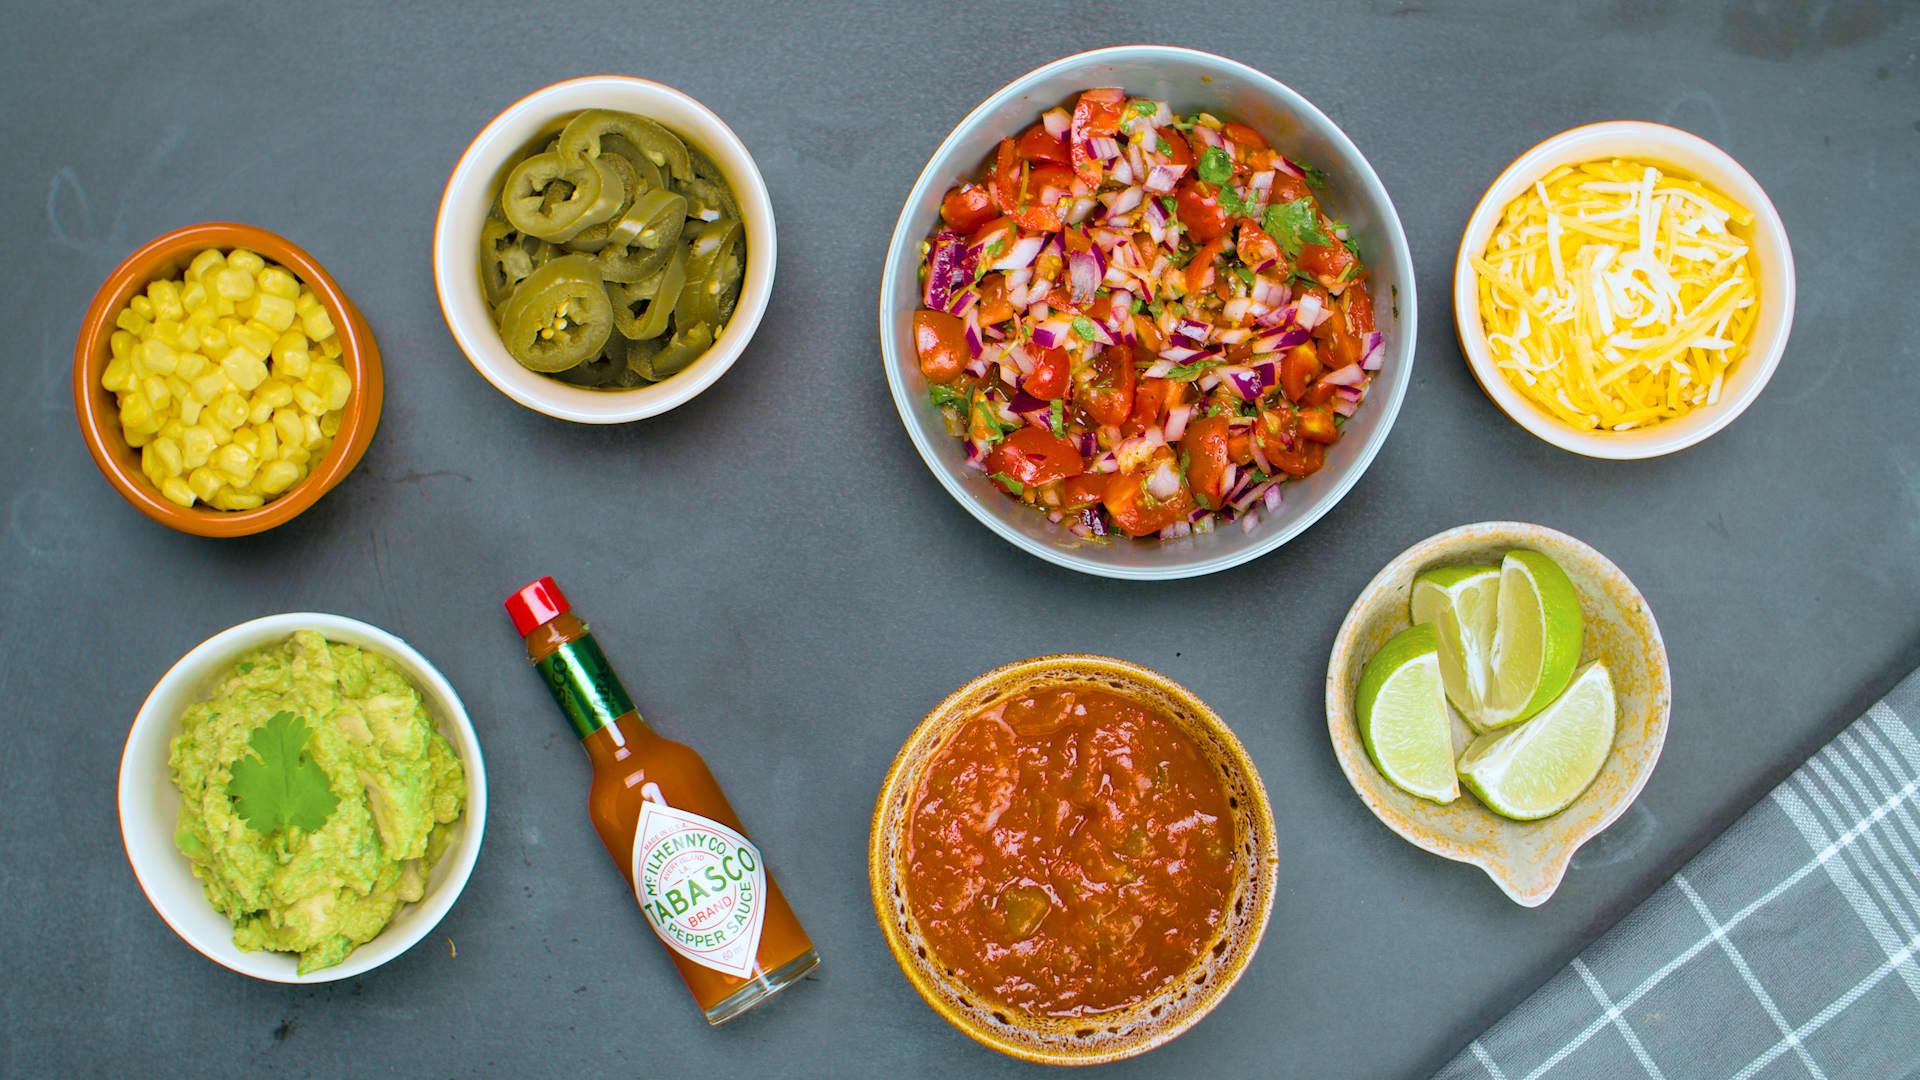 Visste du at TABASCO smaker utmerker i taco og texmex?